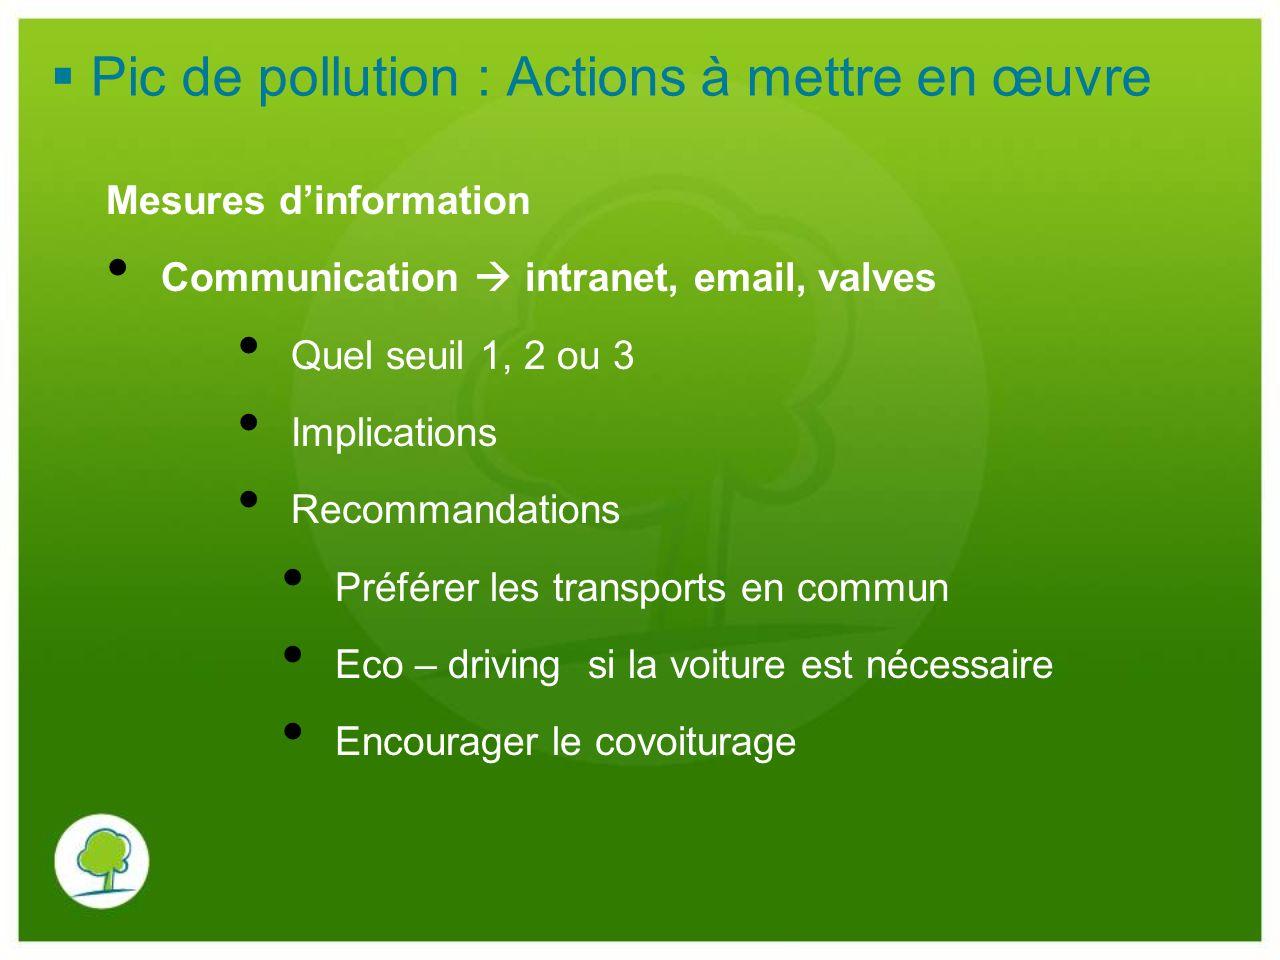 Pic de pollution : Actions à mettre en œuvre Mesures dinformation Communication intranet, email, valves Quel seuil 1, 2 ou 3 Implications Recommandati